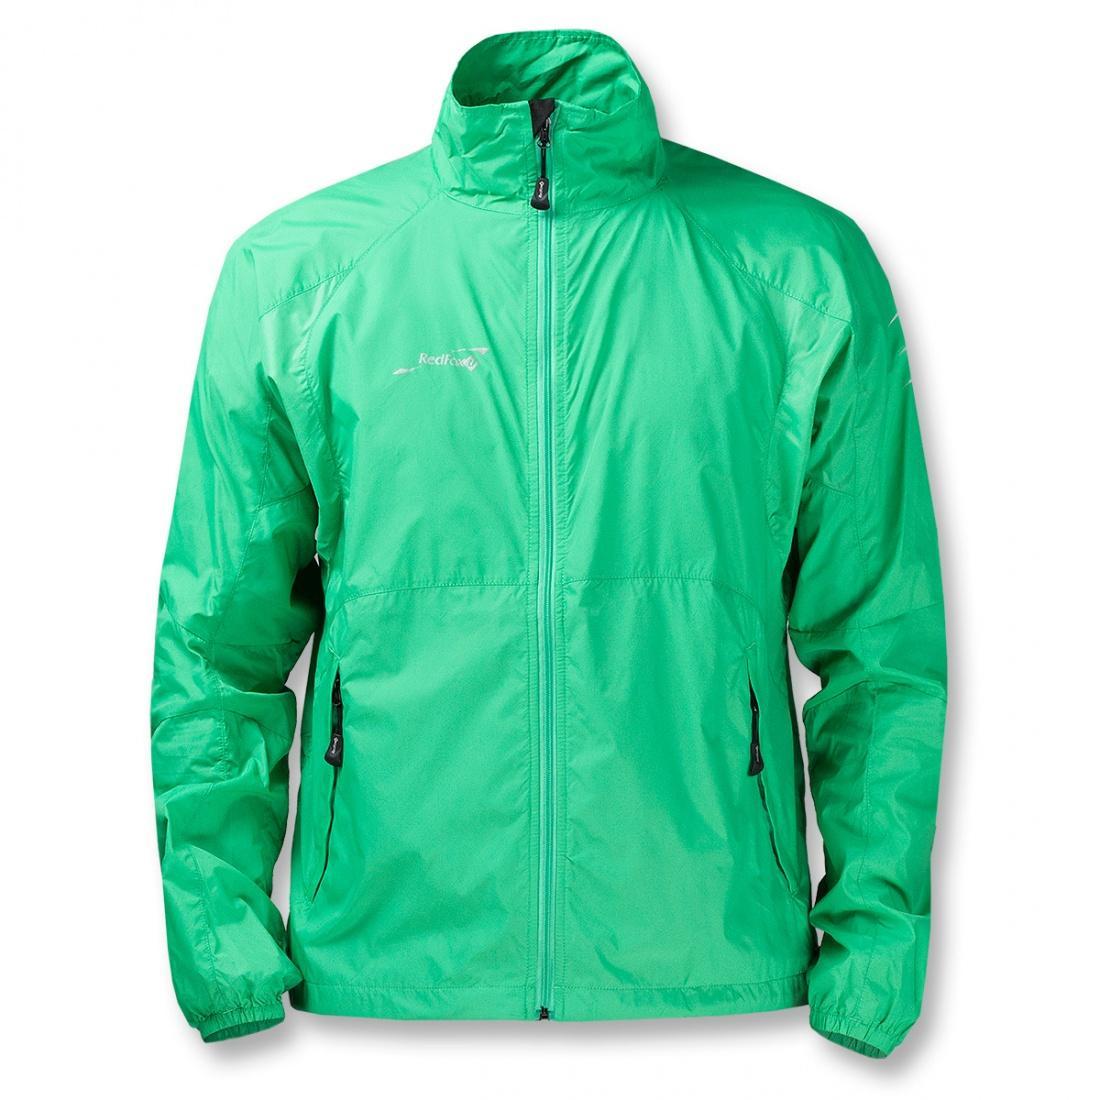 Куртка ветрозащитная Trek Light IIКуртки<br><br> Очень легкая куртка для мультиспортсменов. Отлично сочетает в себе функции защиты от ветра и максимальной свободы движений. Куртку мож...<br><br>Цвет: Зеленый<br>Размер: 48